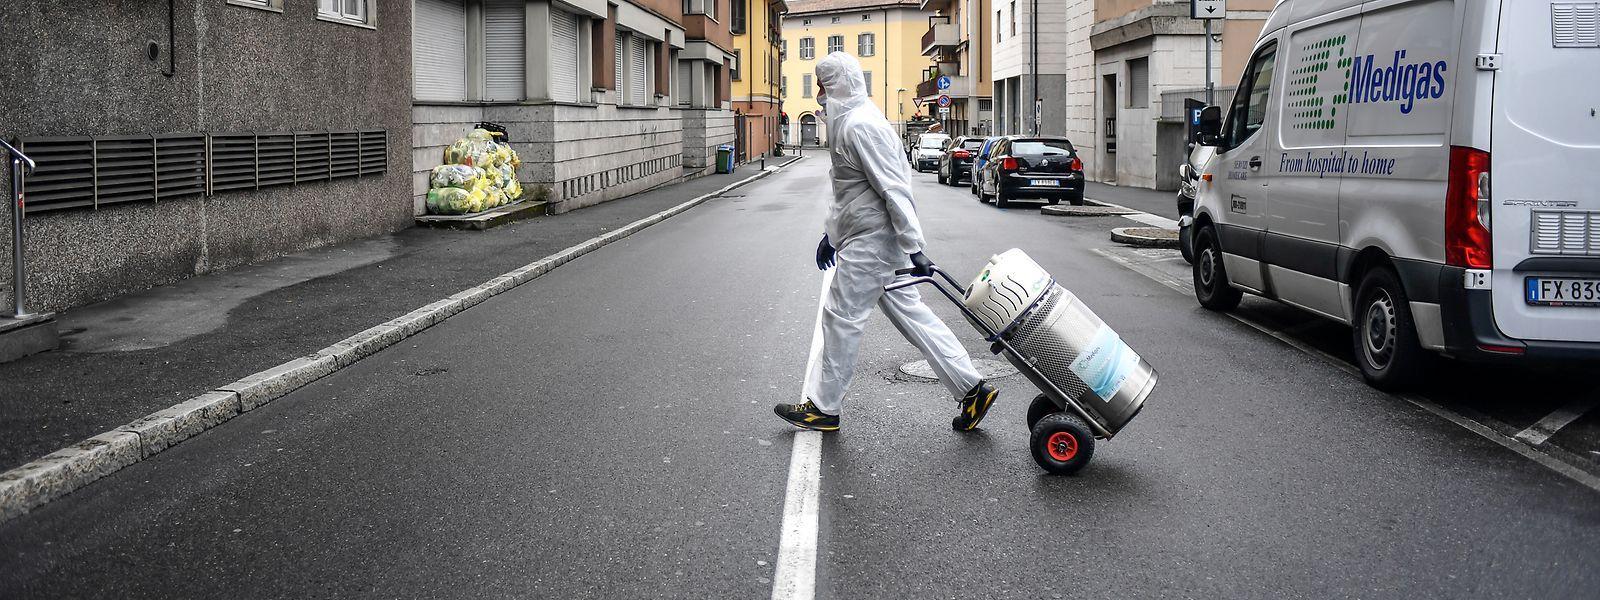 Bergamo: Ein Arbeiter imSchutzanzug liefert eineSauerstoffflasche.